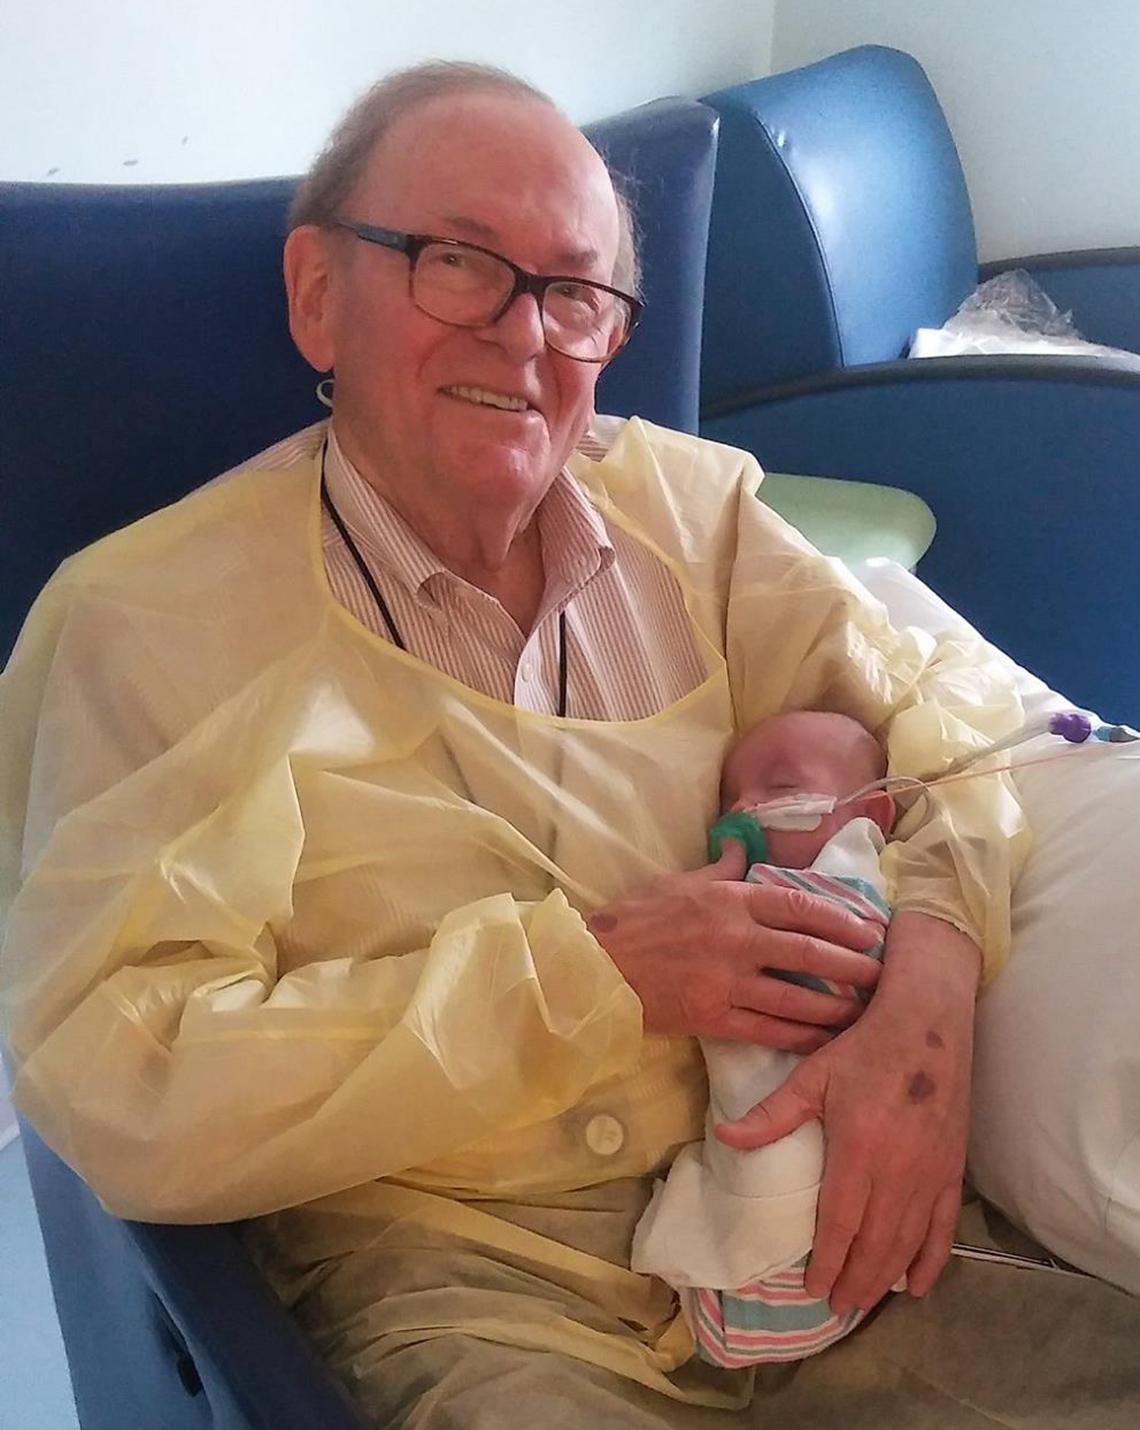 'ICU Grandpa', David Deutchman